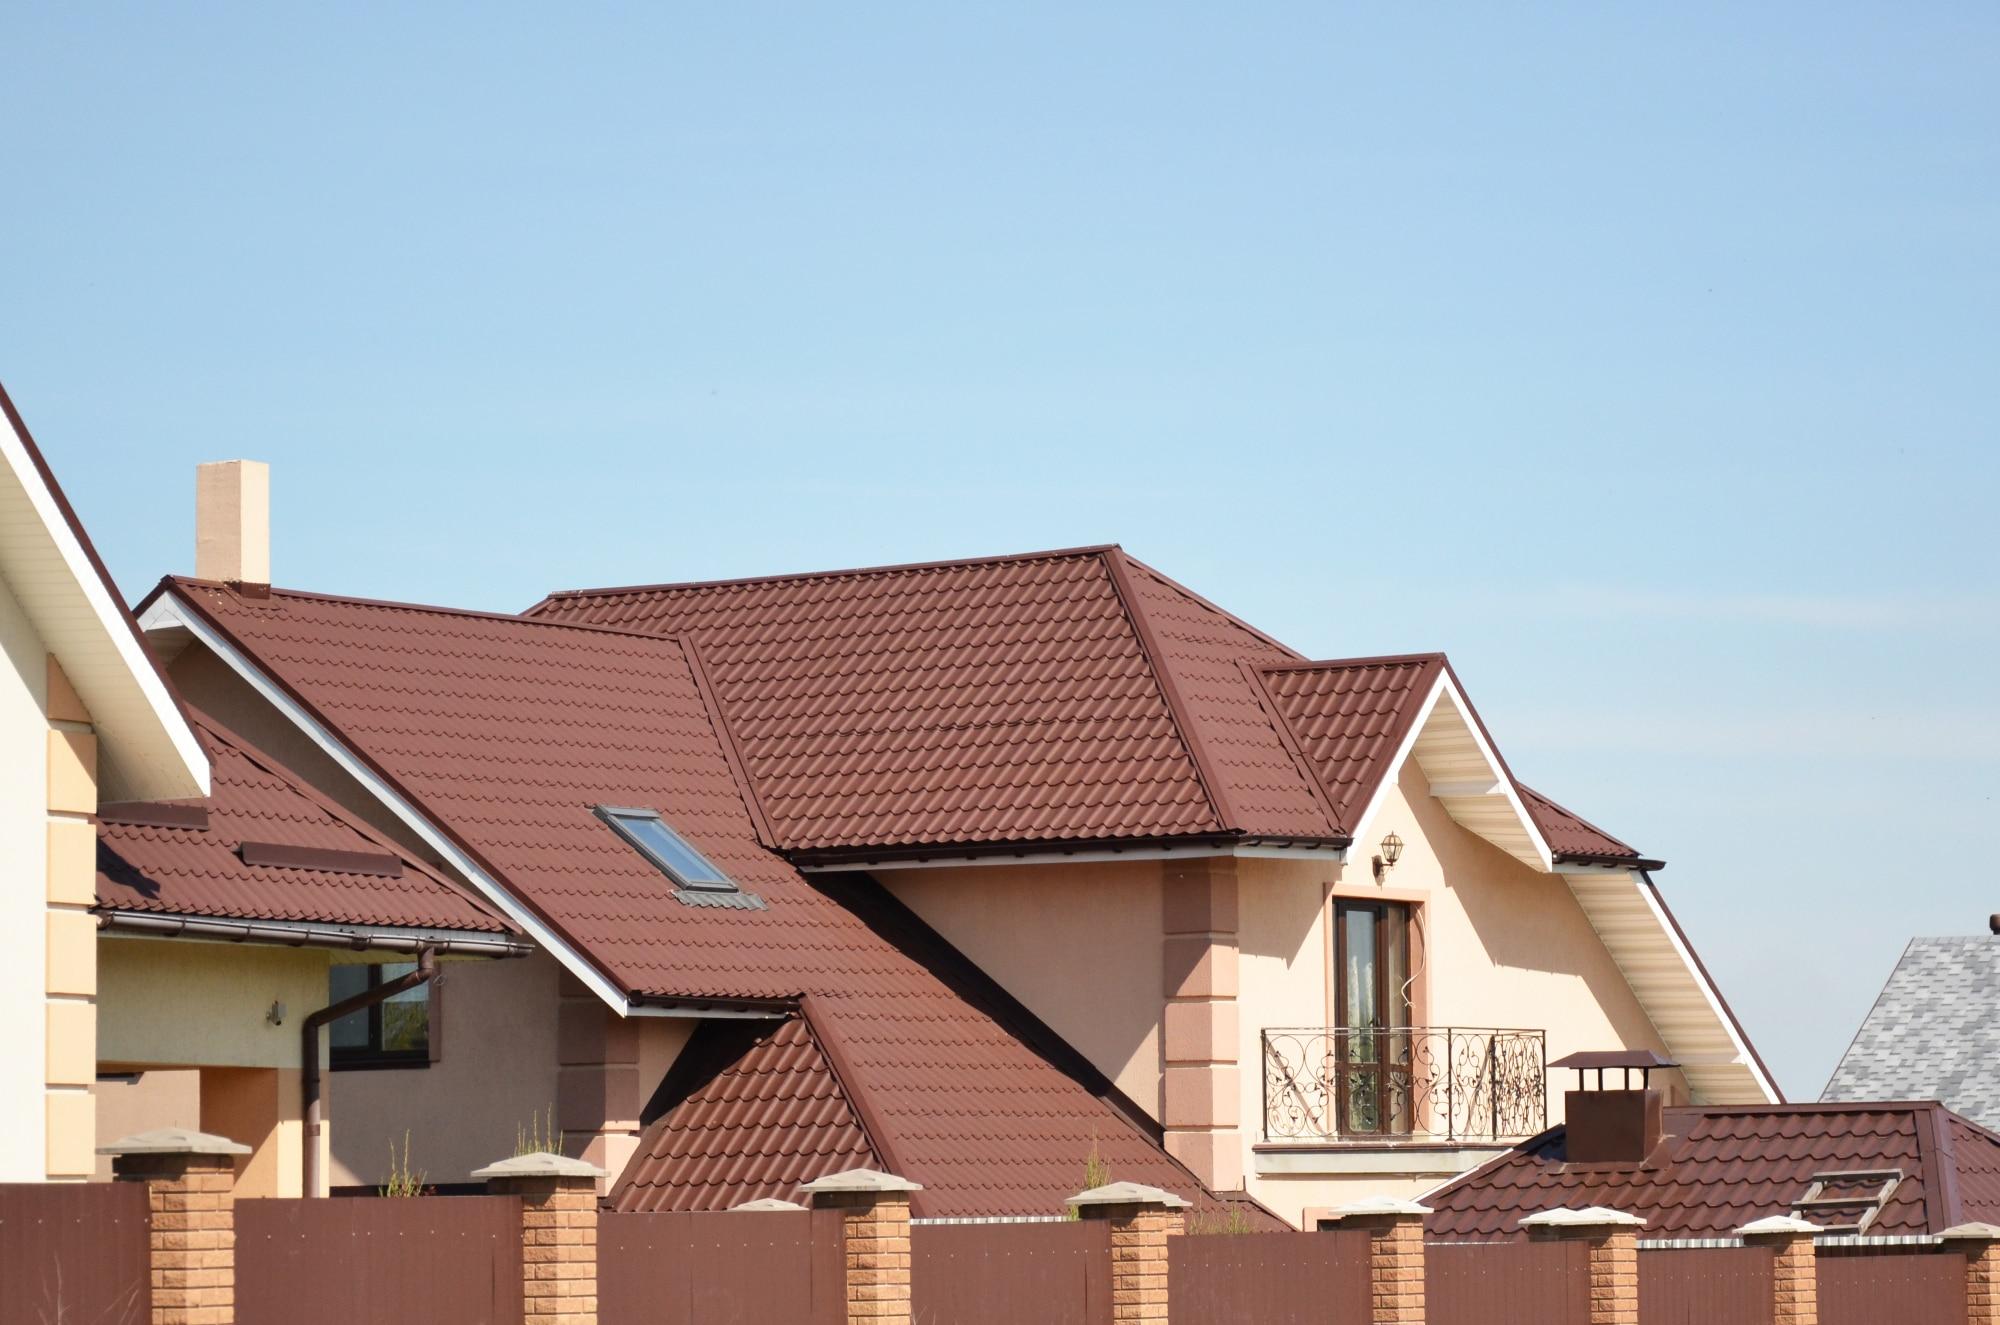 коричневый профлист крыши фото белкина одна лучших